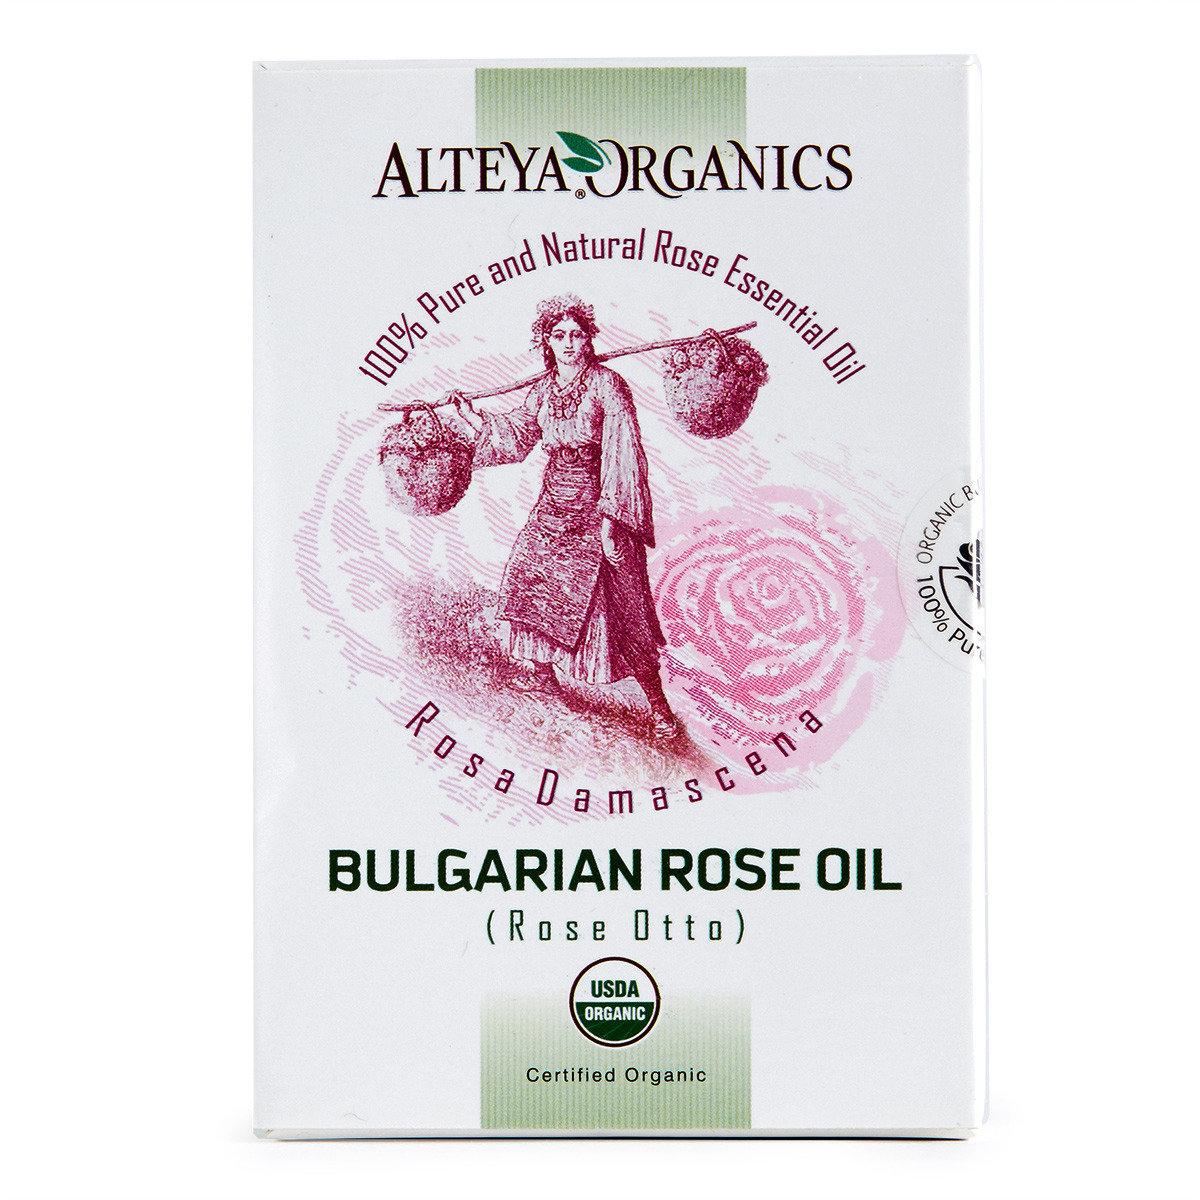 有機保加利亞玫瑰精油 (奧圖玫瑰)